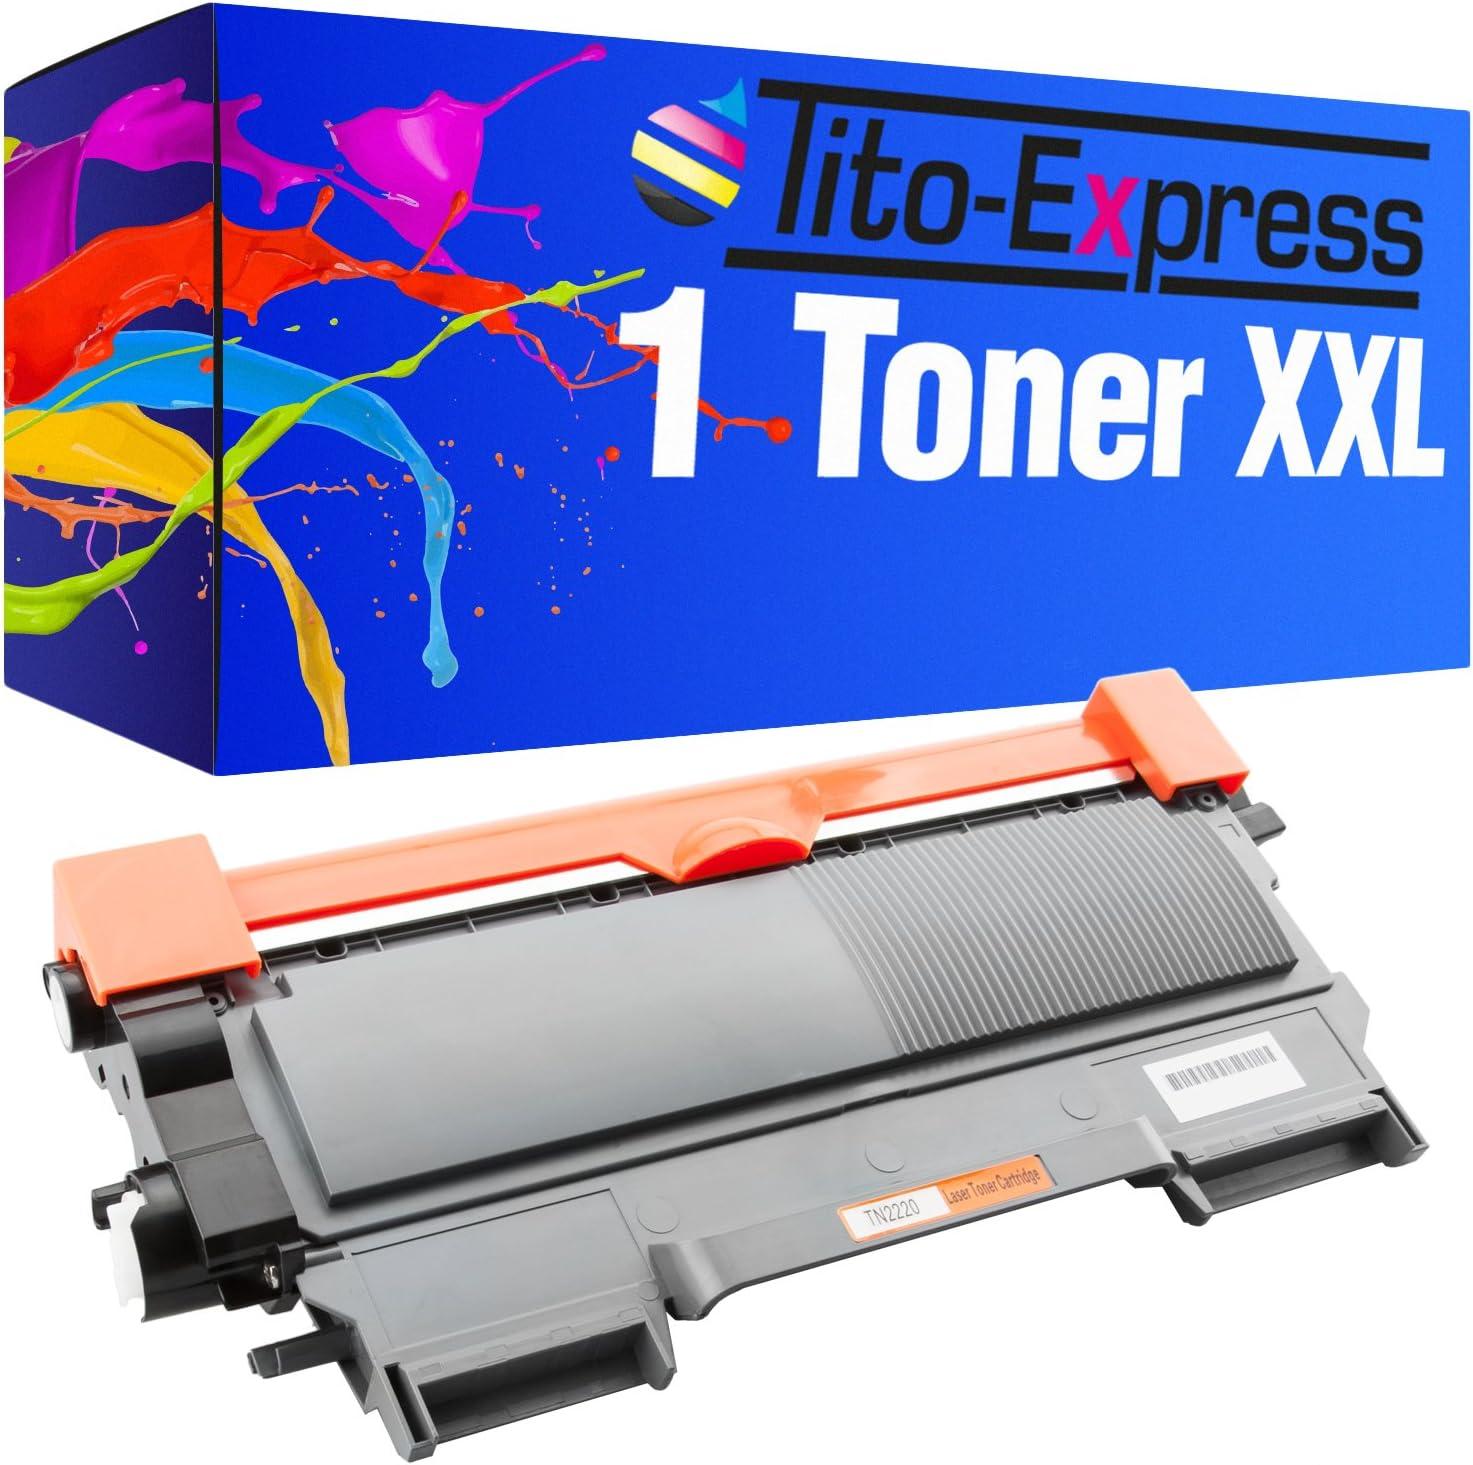 Toner Xxl For Brother Tn 2010 Platinum Serie Black 3 000 Pages Compatible Bürobedarf Schreibwaren